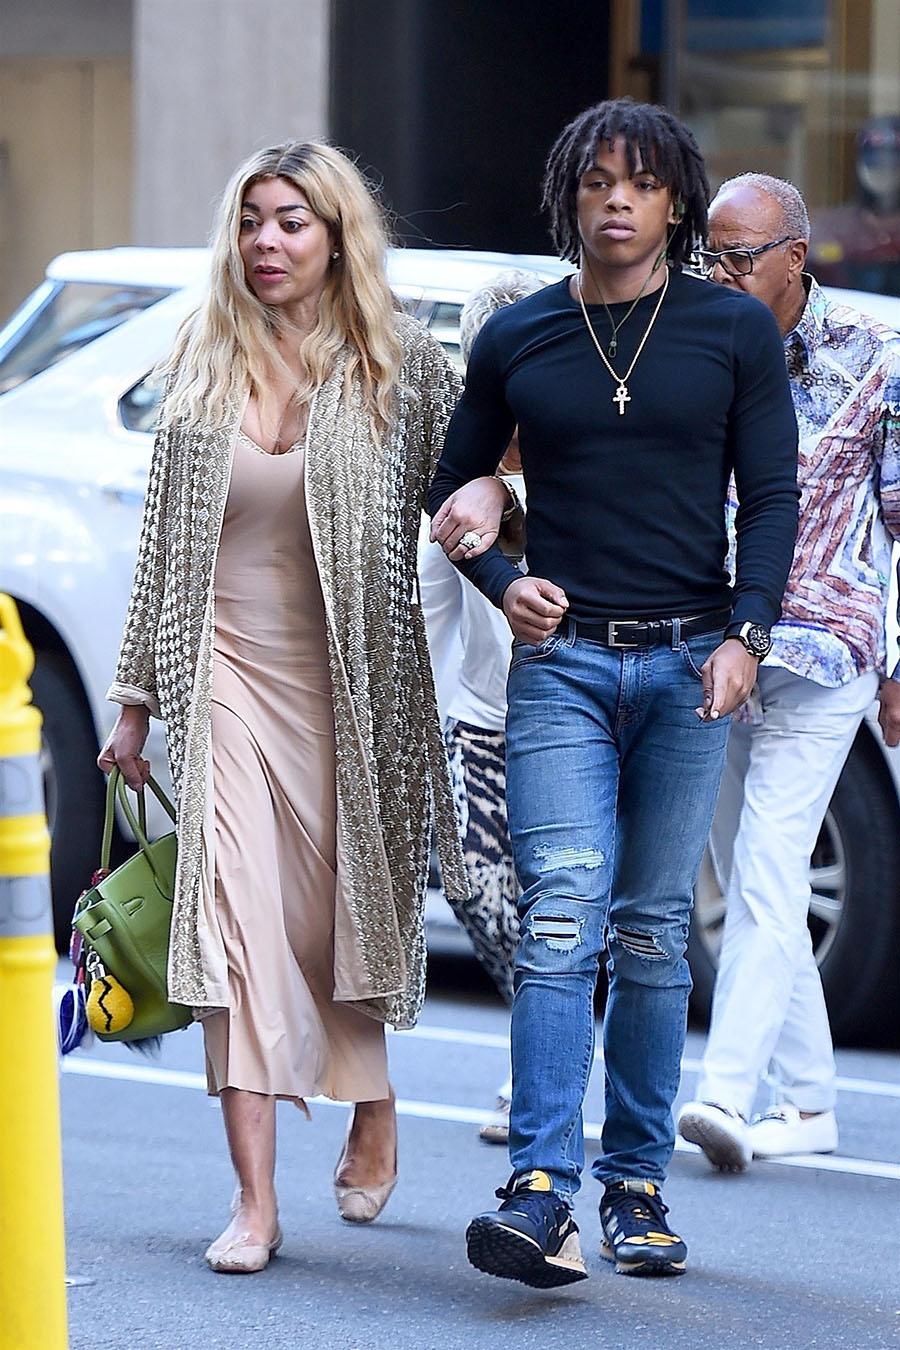 Wendy Williams Was Seen Leaving Sirius XM Studios In NYC